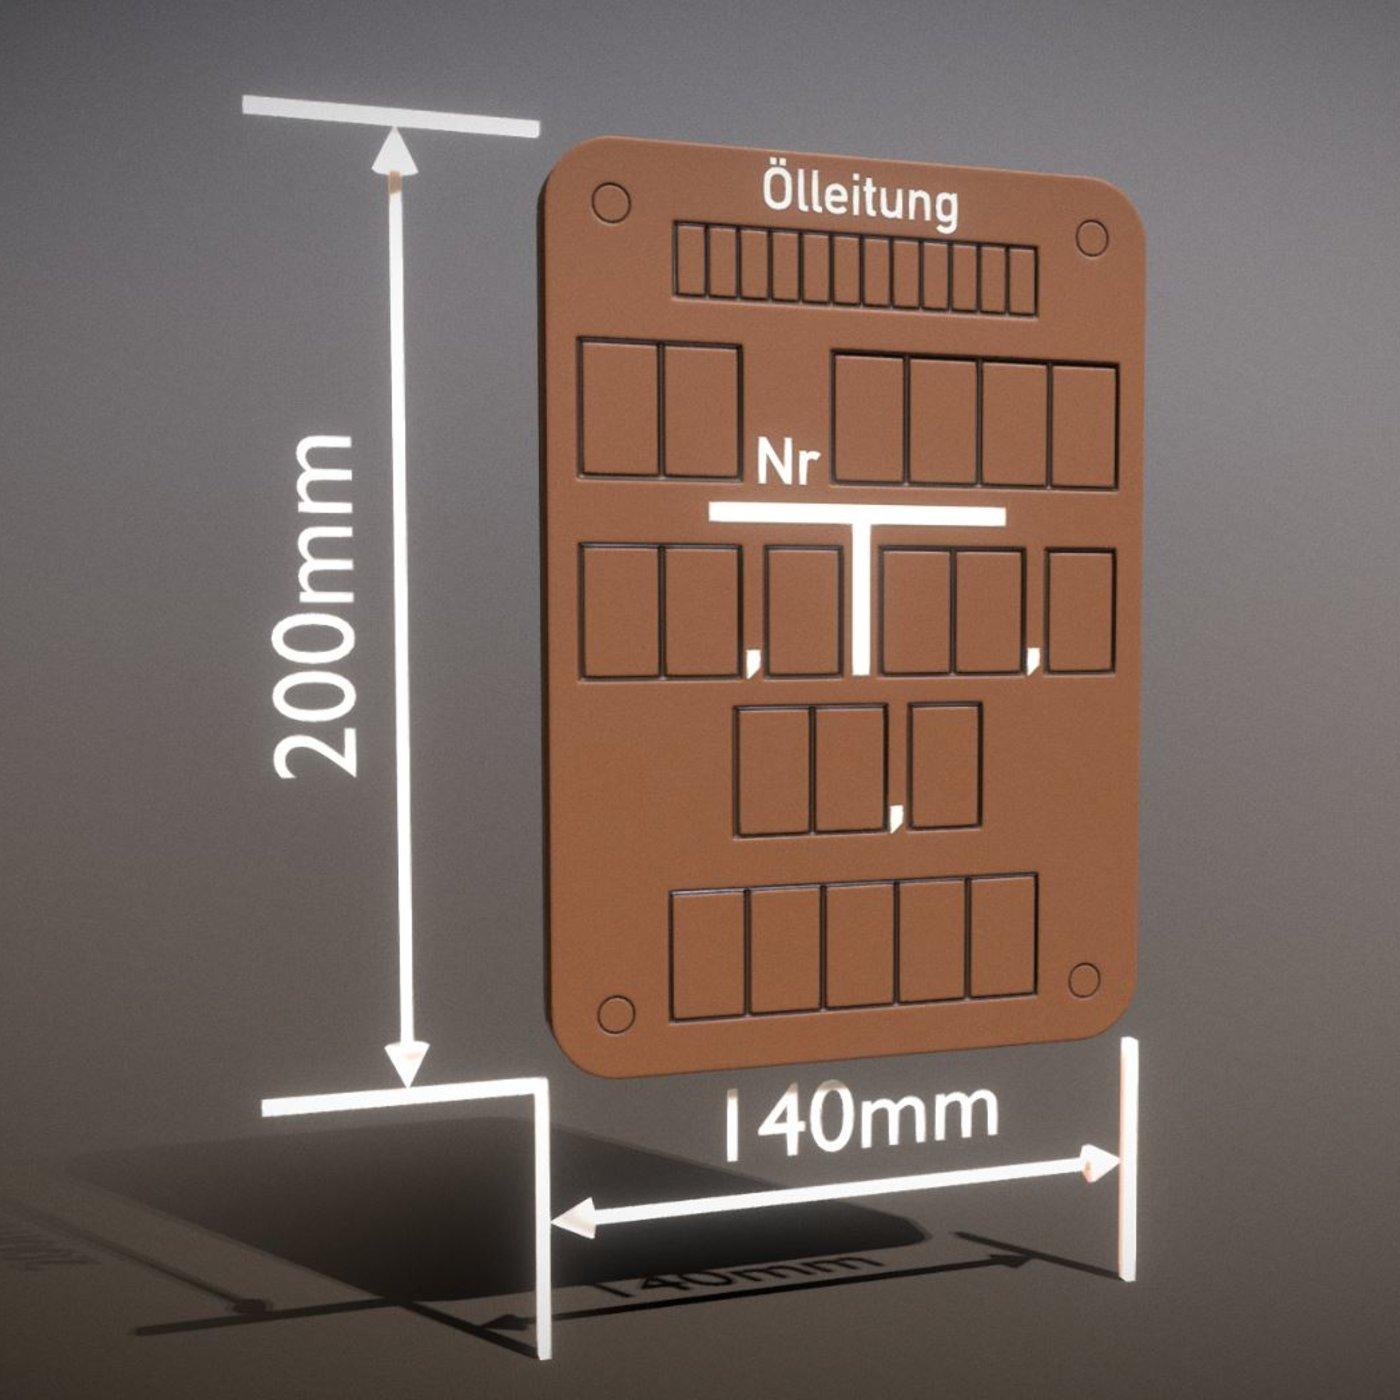 Hinweisschild Ölleitung 200x140mm